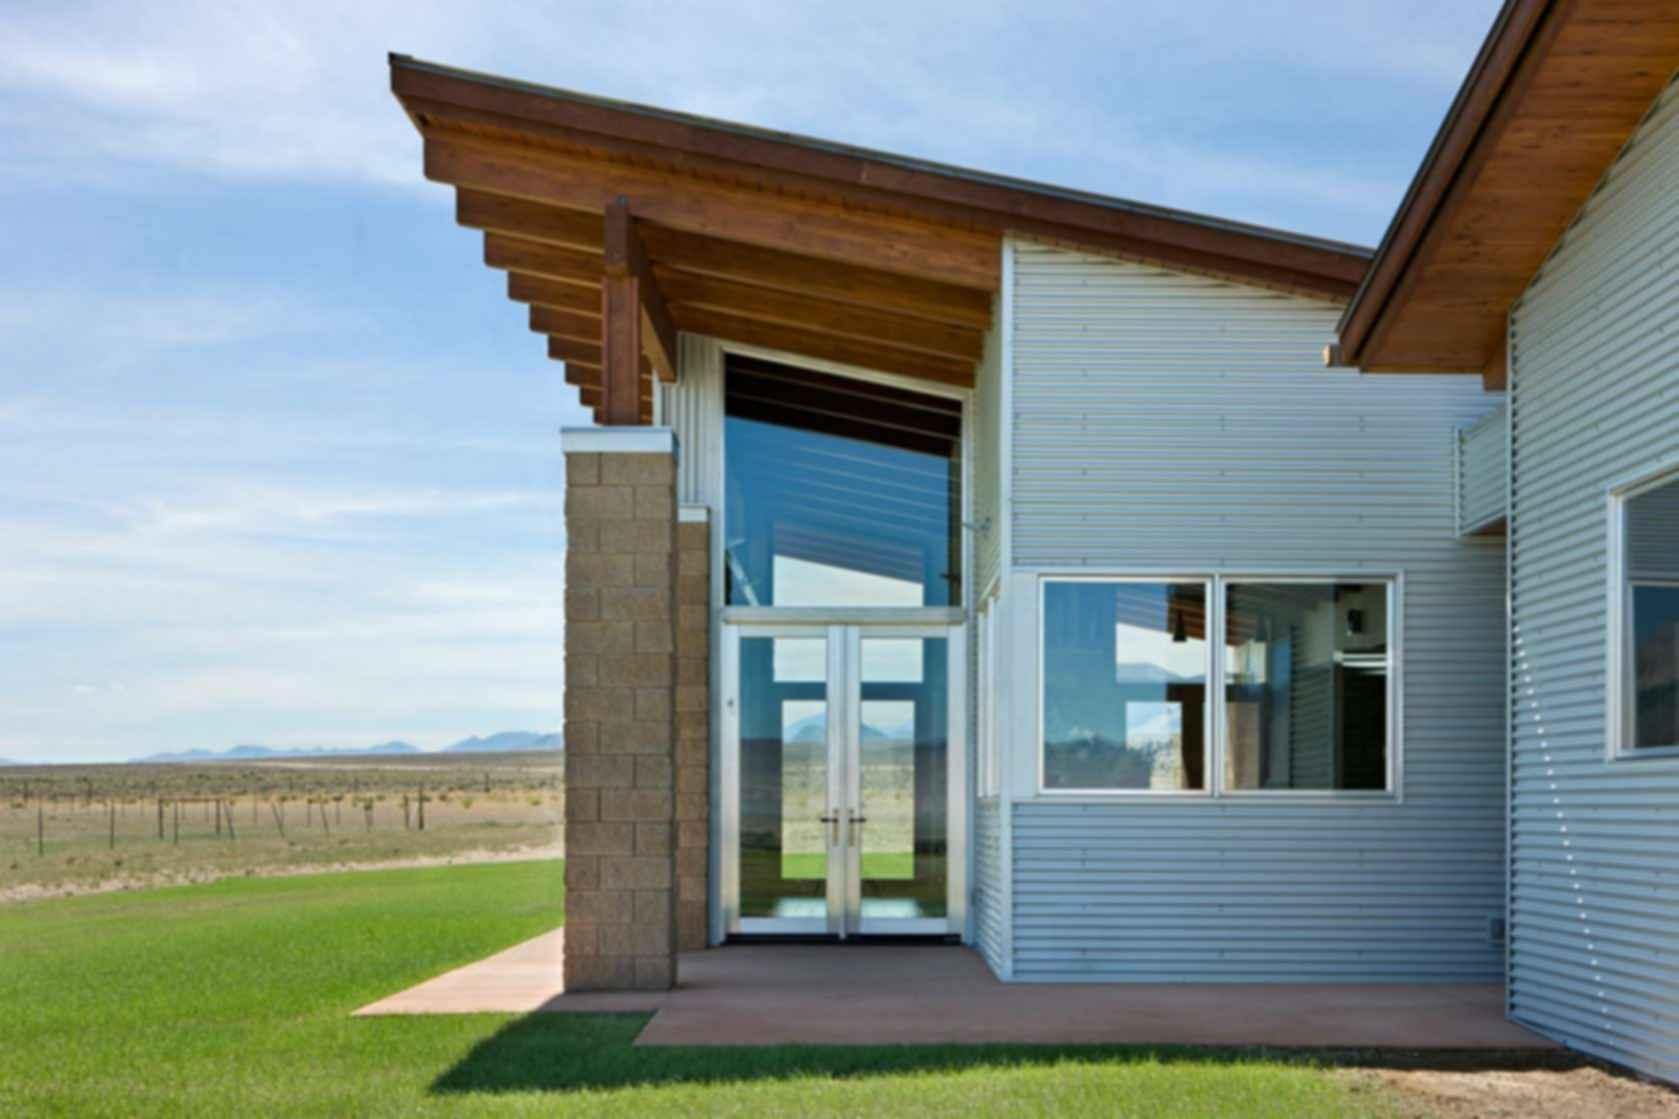 The Double Helix Ranch - Exterior/Landscape/Entrance